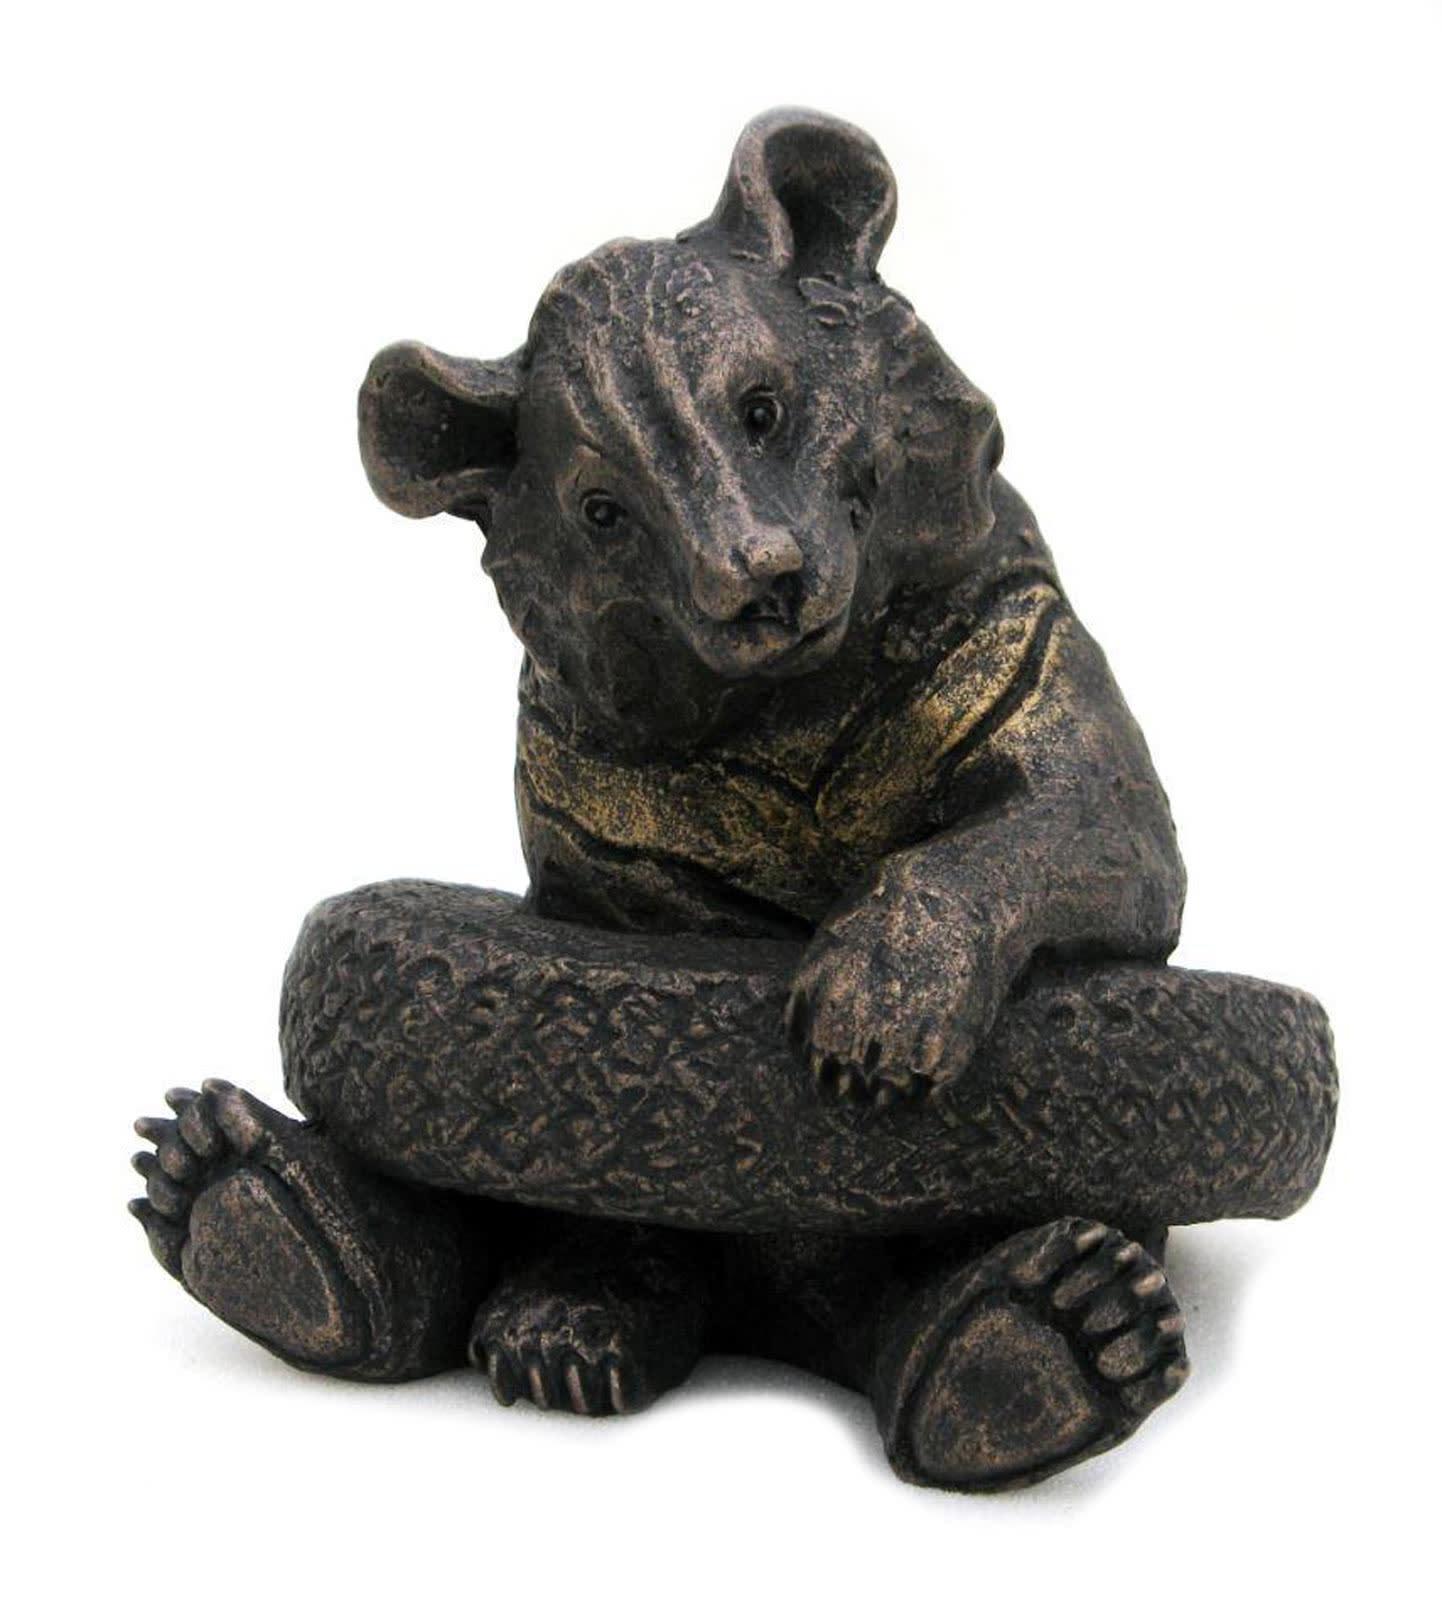 sculpture of a bear by artist suzie marsh